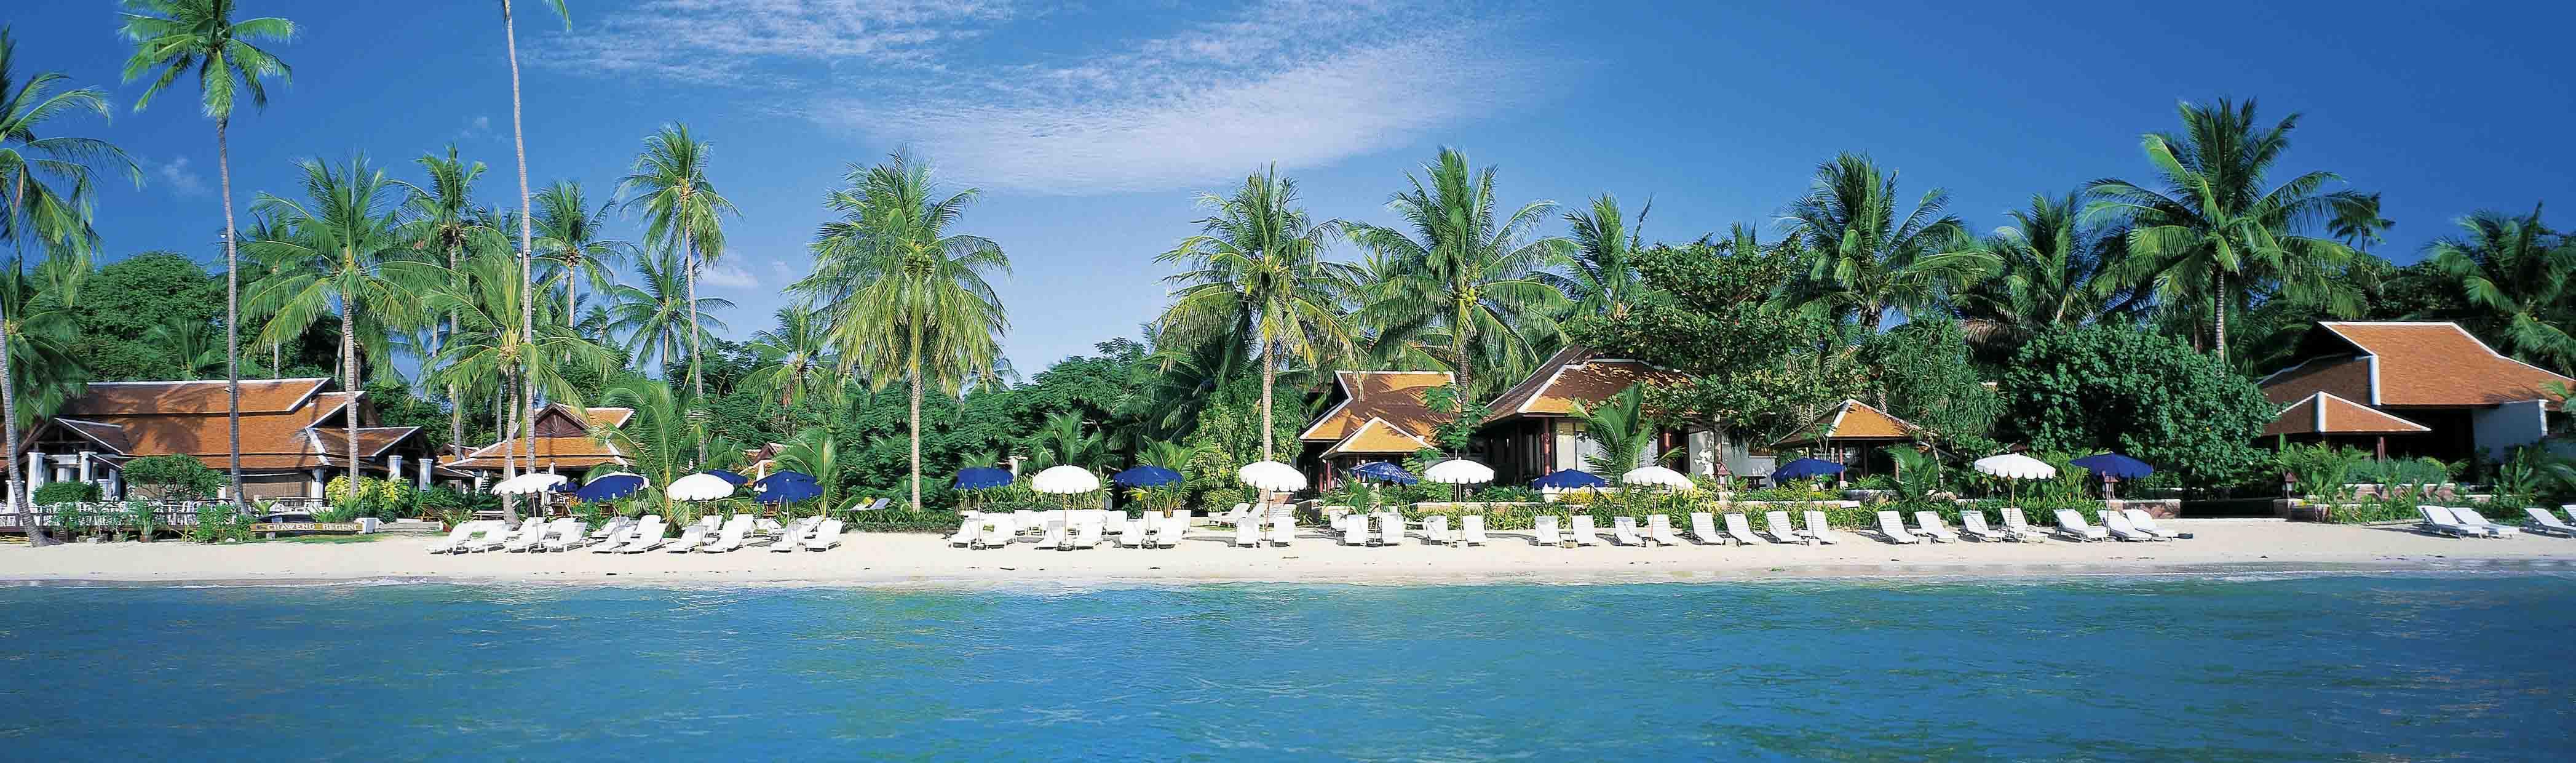 泰国苏梅岛 查汶丽晶海滩度假酒店<br/>chaweng-regent-beach-resort